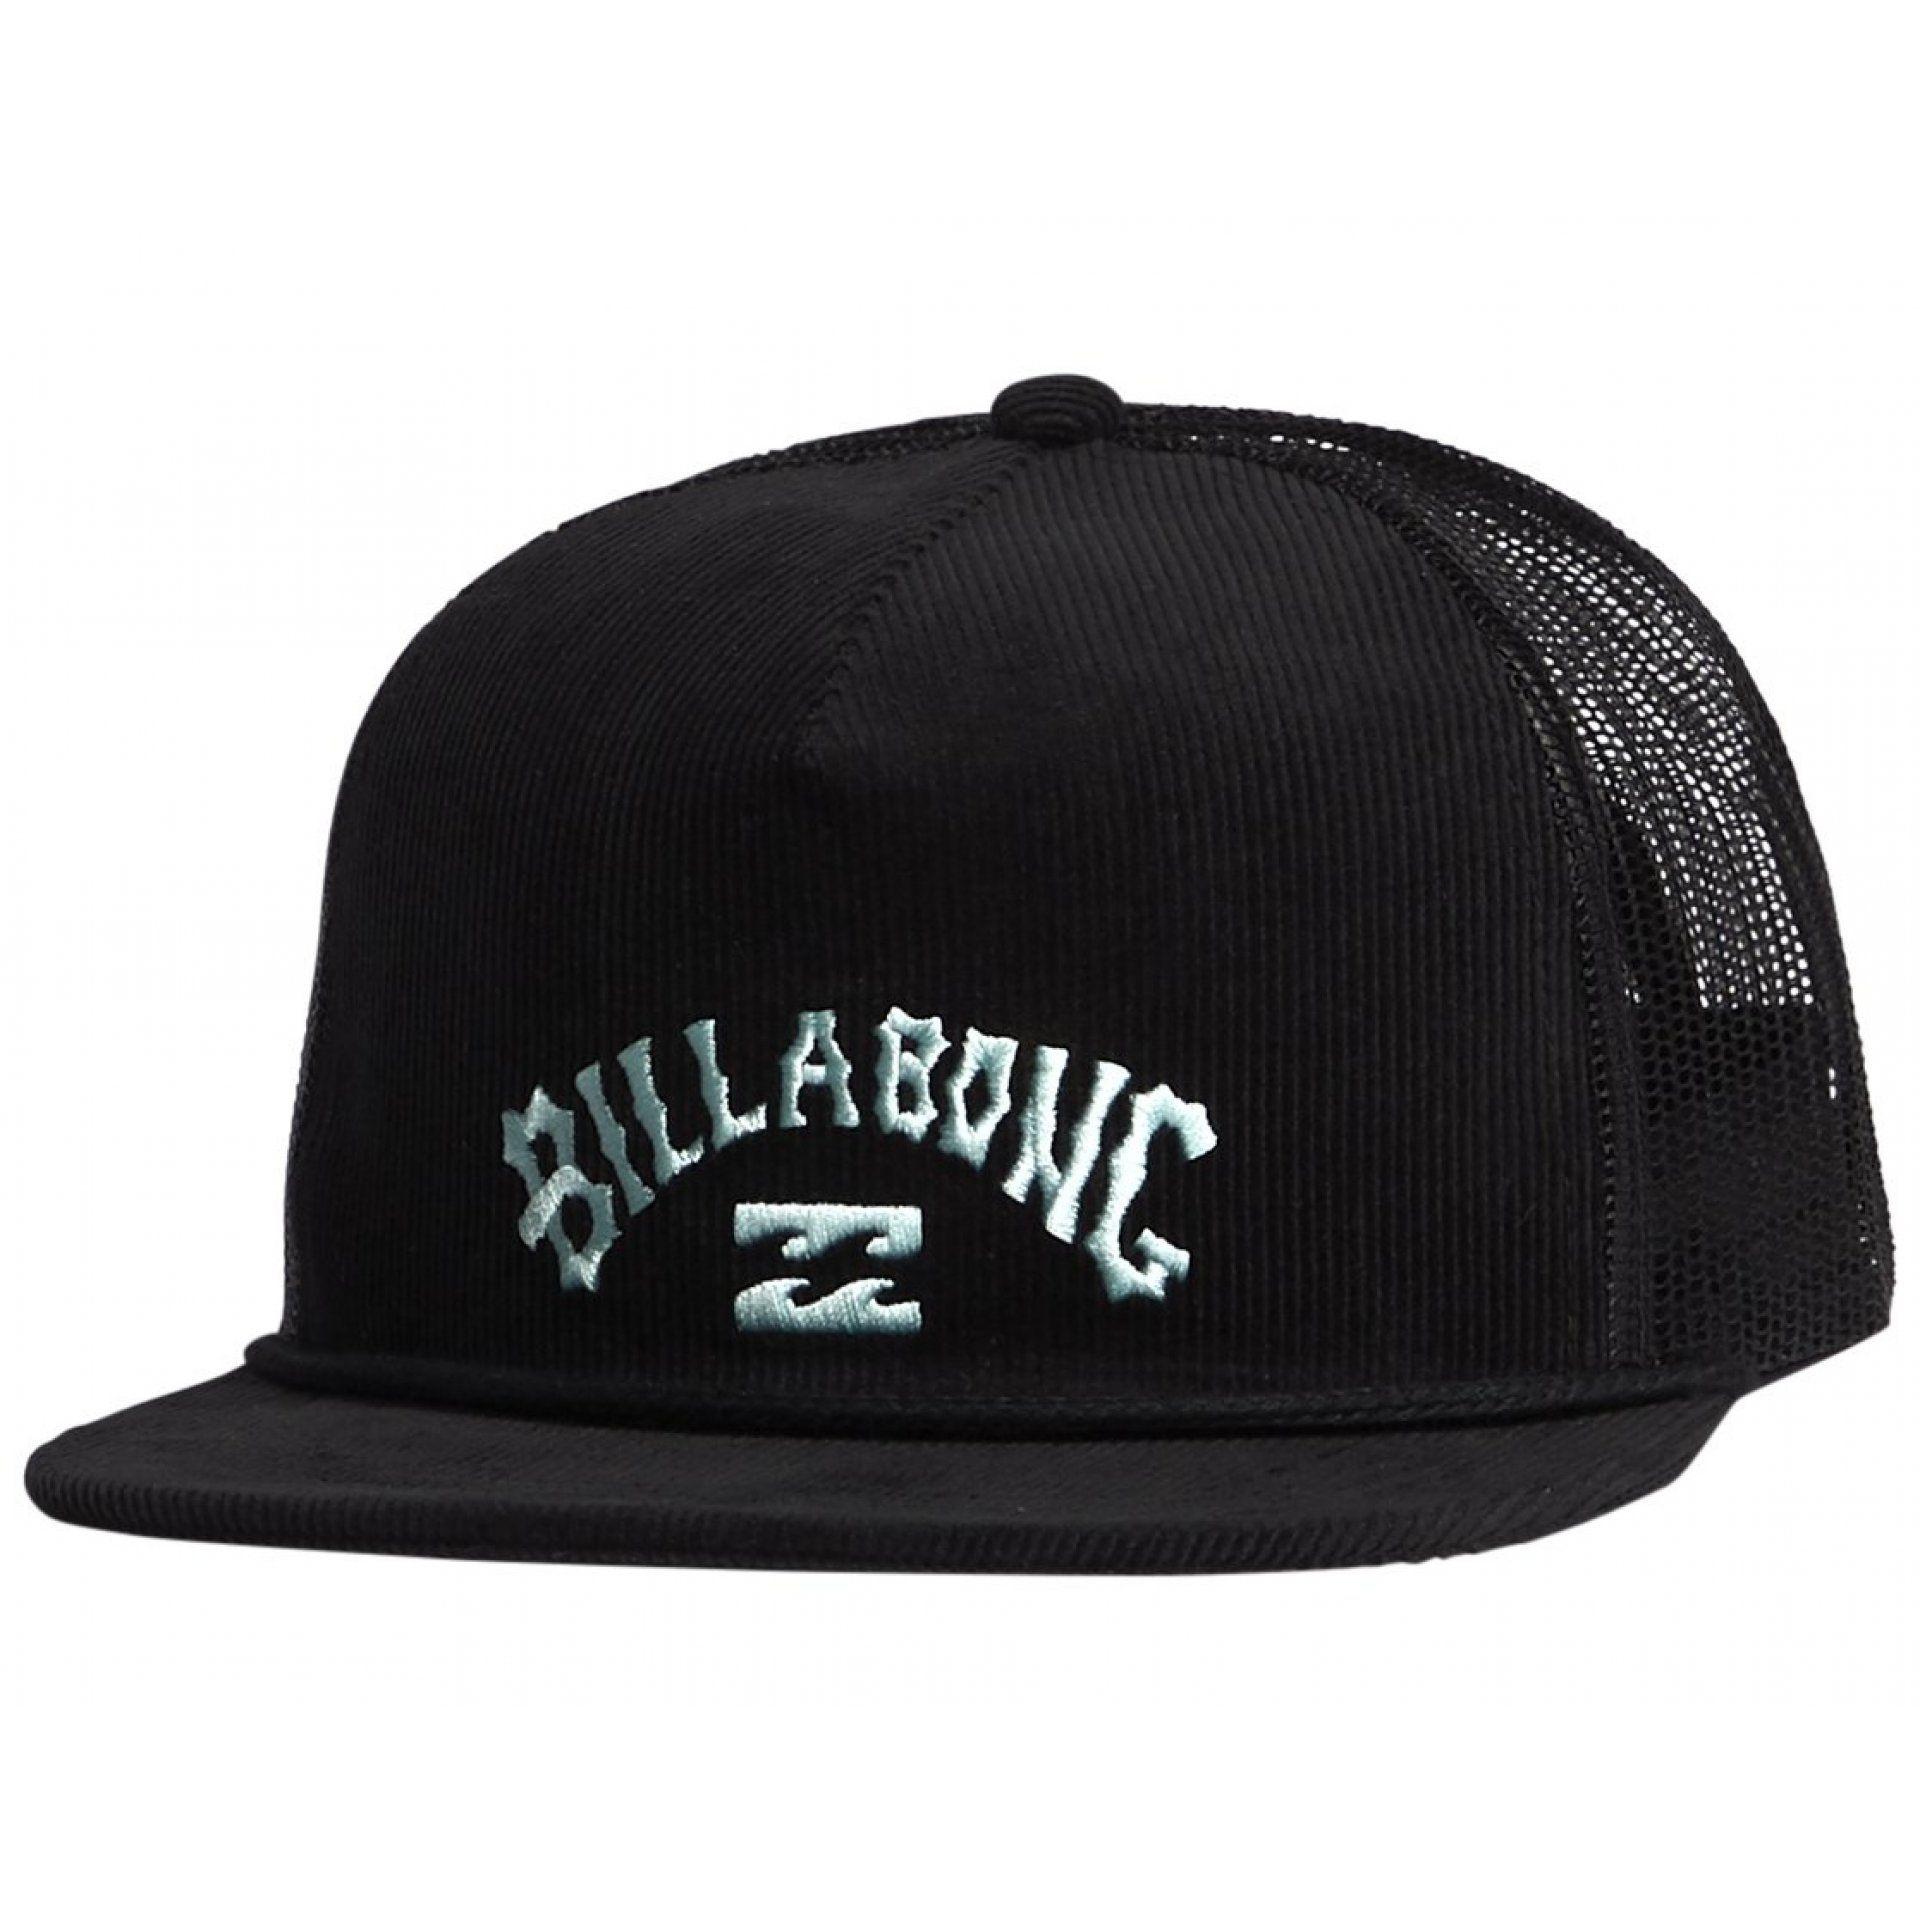 CZAPKA Z DASZKIEM BILLABONG ALLIANCE BLACK 0019